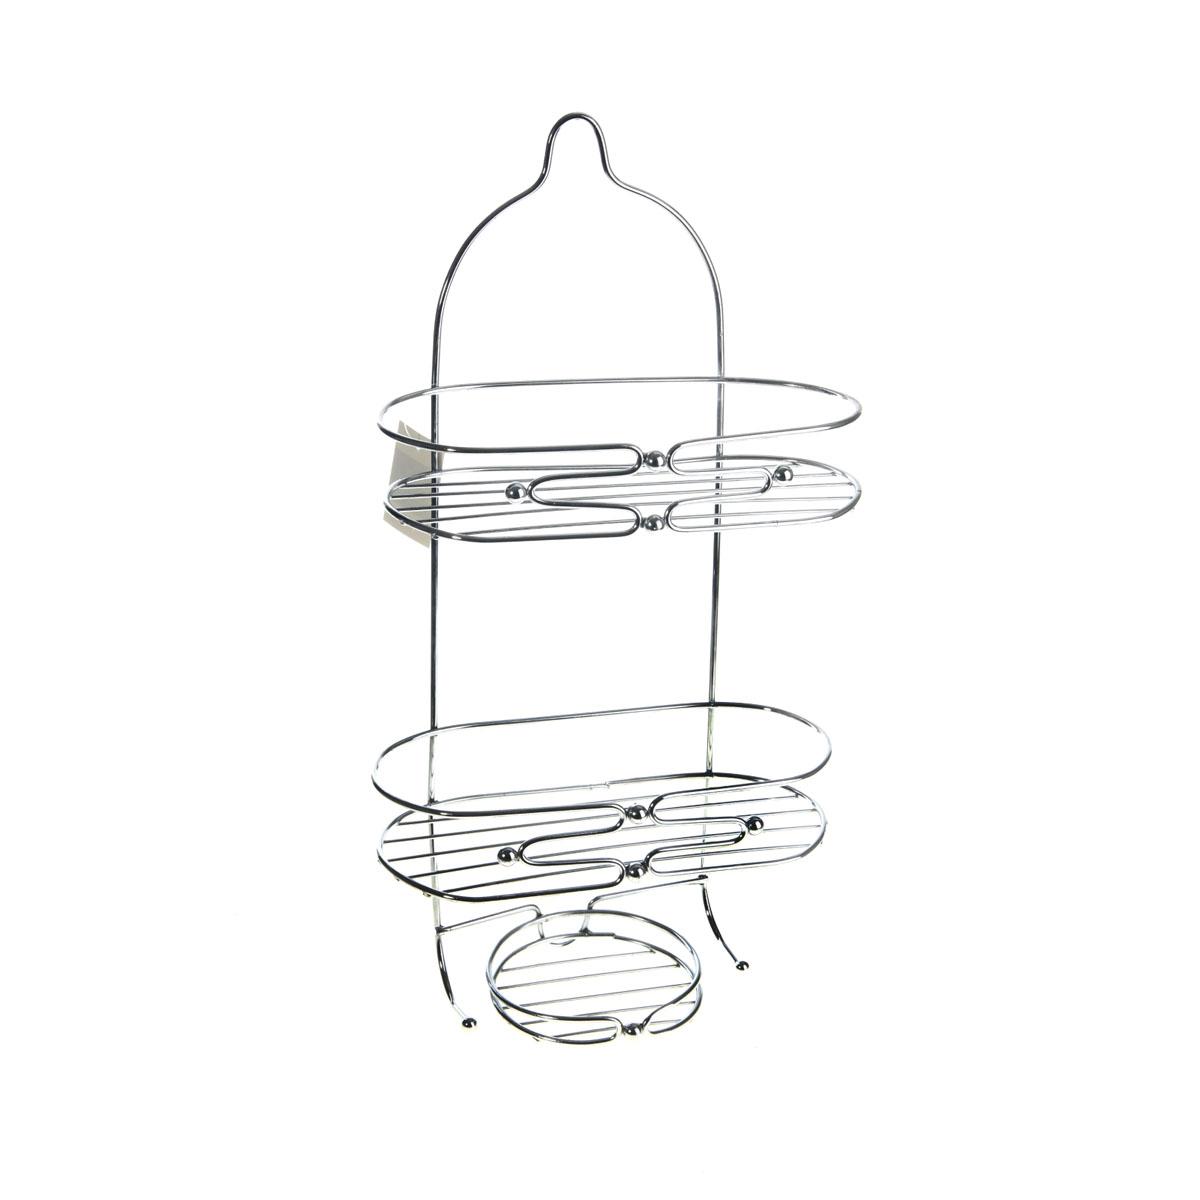 Полка Доляна, 2-х ярусная, с мыльницей, высота 50 см853681Полка Доляна выполнена из высококачественного металла и предназначена для хранения вещей в ванной комнате. Полка состоит из 2-х ярусов овальной формы, мыльницы и двух крючков. Она пригодится для хранения различных предметов, которые всегда будут под рукой. Благодаря компактным размерам полка впишется в интерьер вашего дома и позволит вам удобно и практично хранить предметы домашнего обихода. Удобная и практичная металлическая полочка станет незаменимым аксессуаром в вашем хозяйстве. В комплекте - крепежные элементы.